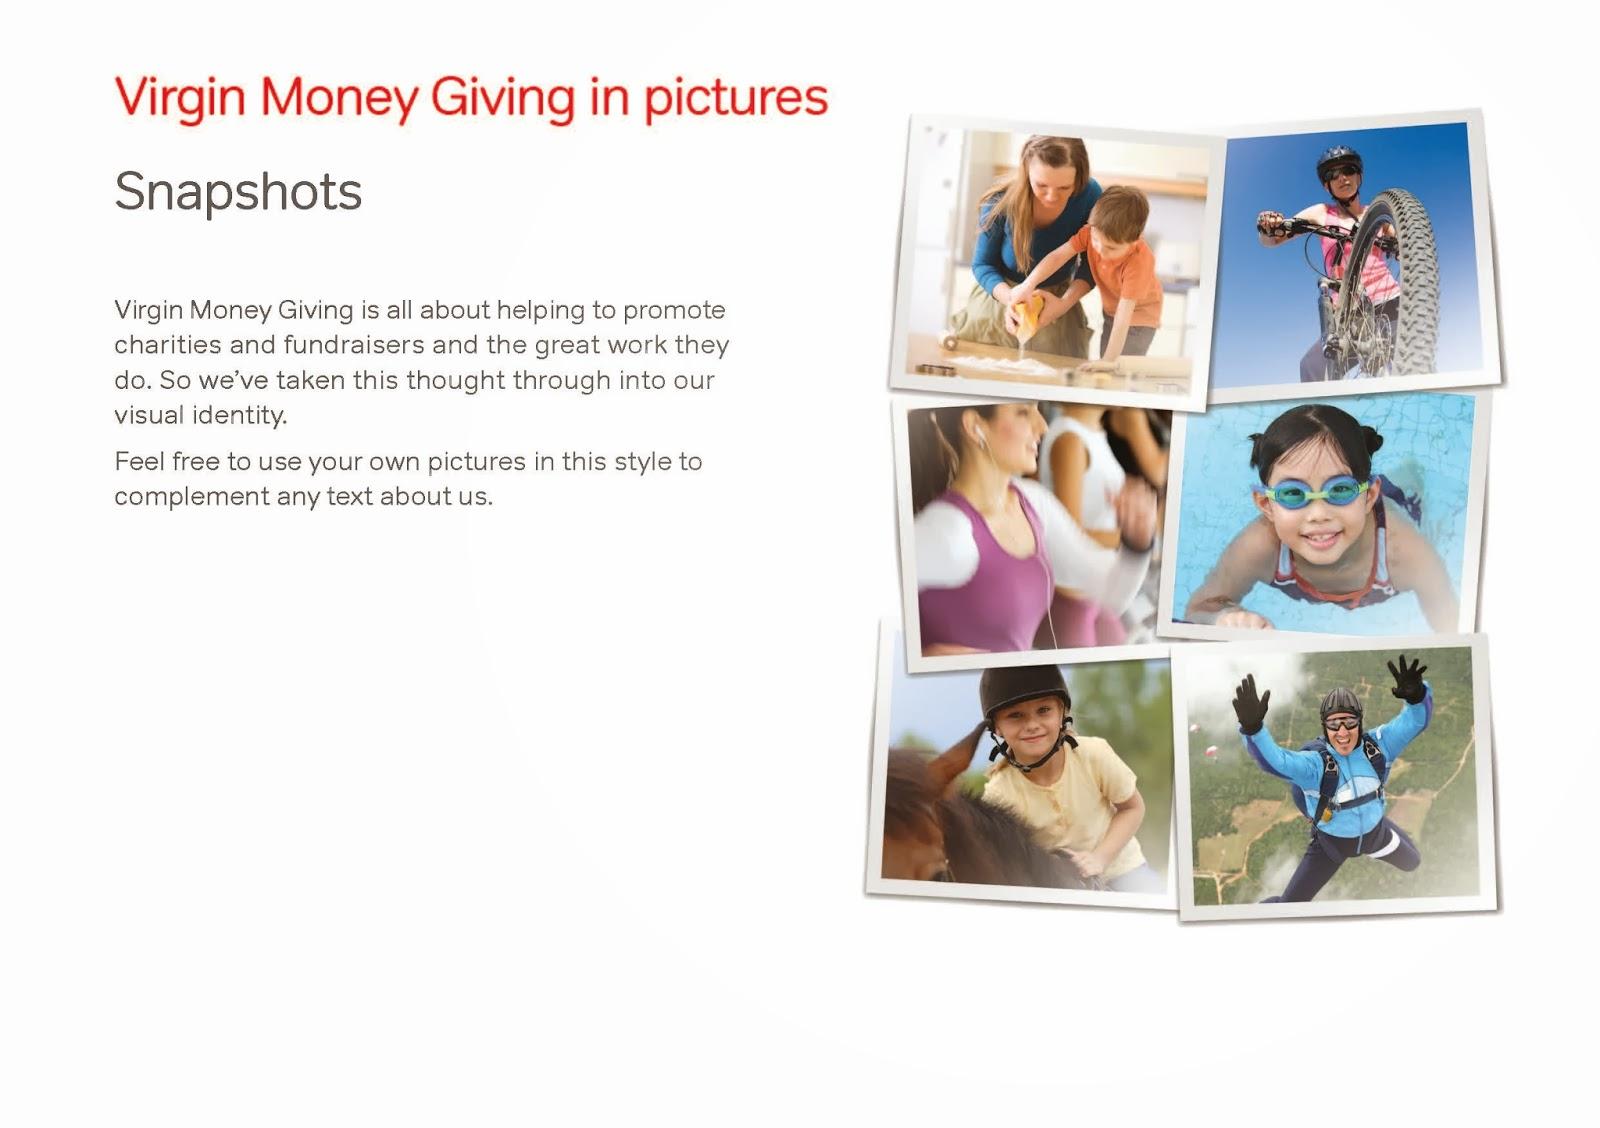 Virgin Money Giving in Pictures